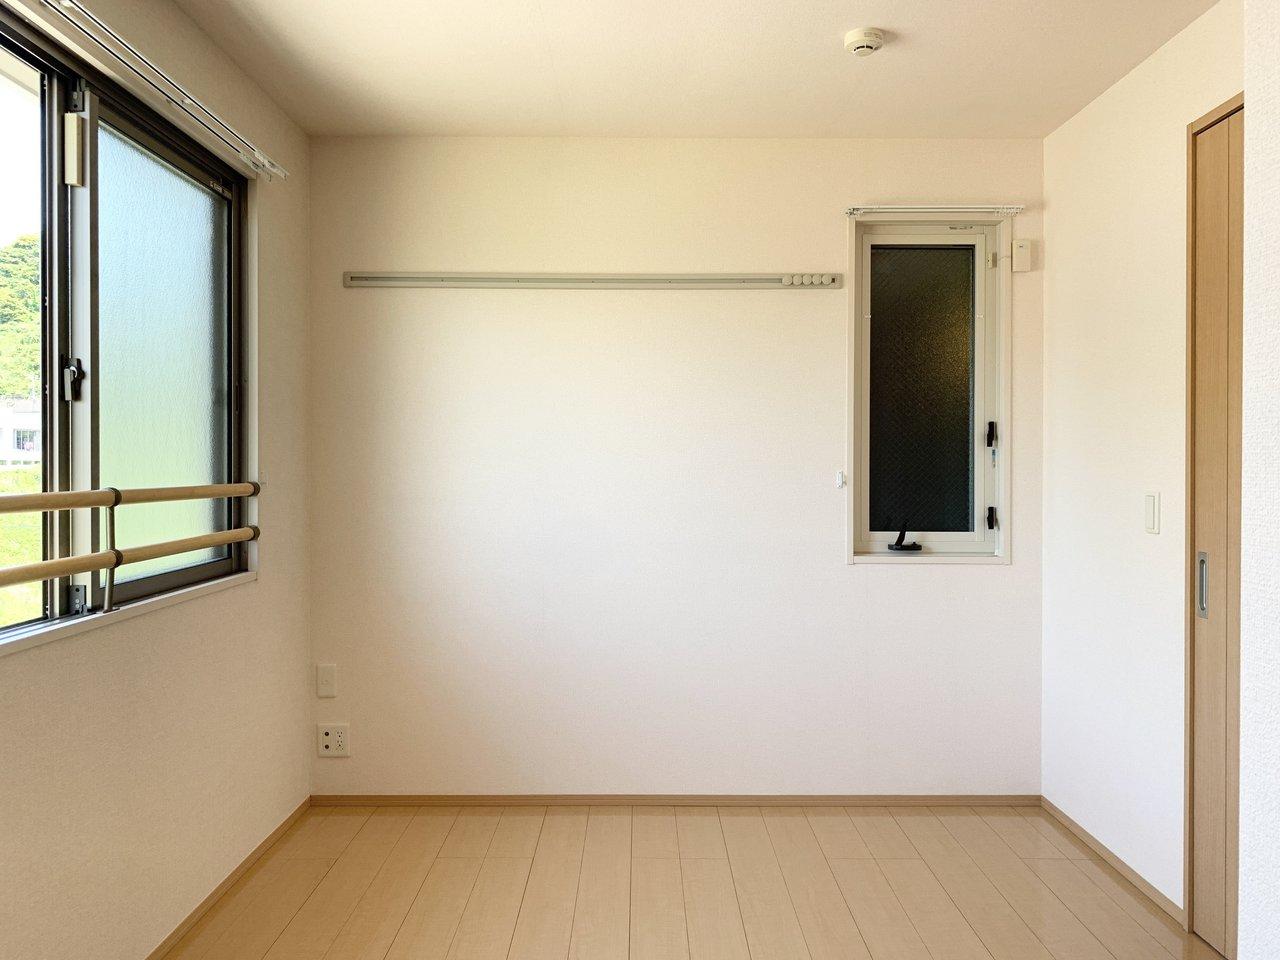 6畳の洋室は窓もあって開放的。窓際に2人分のワークデスクを置いて、仕事に集中しましょう。